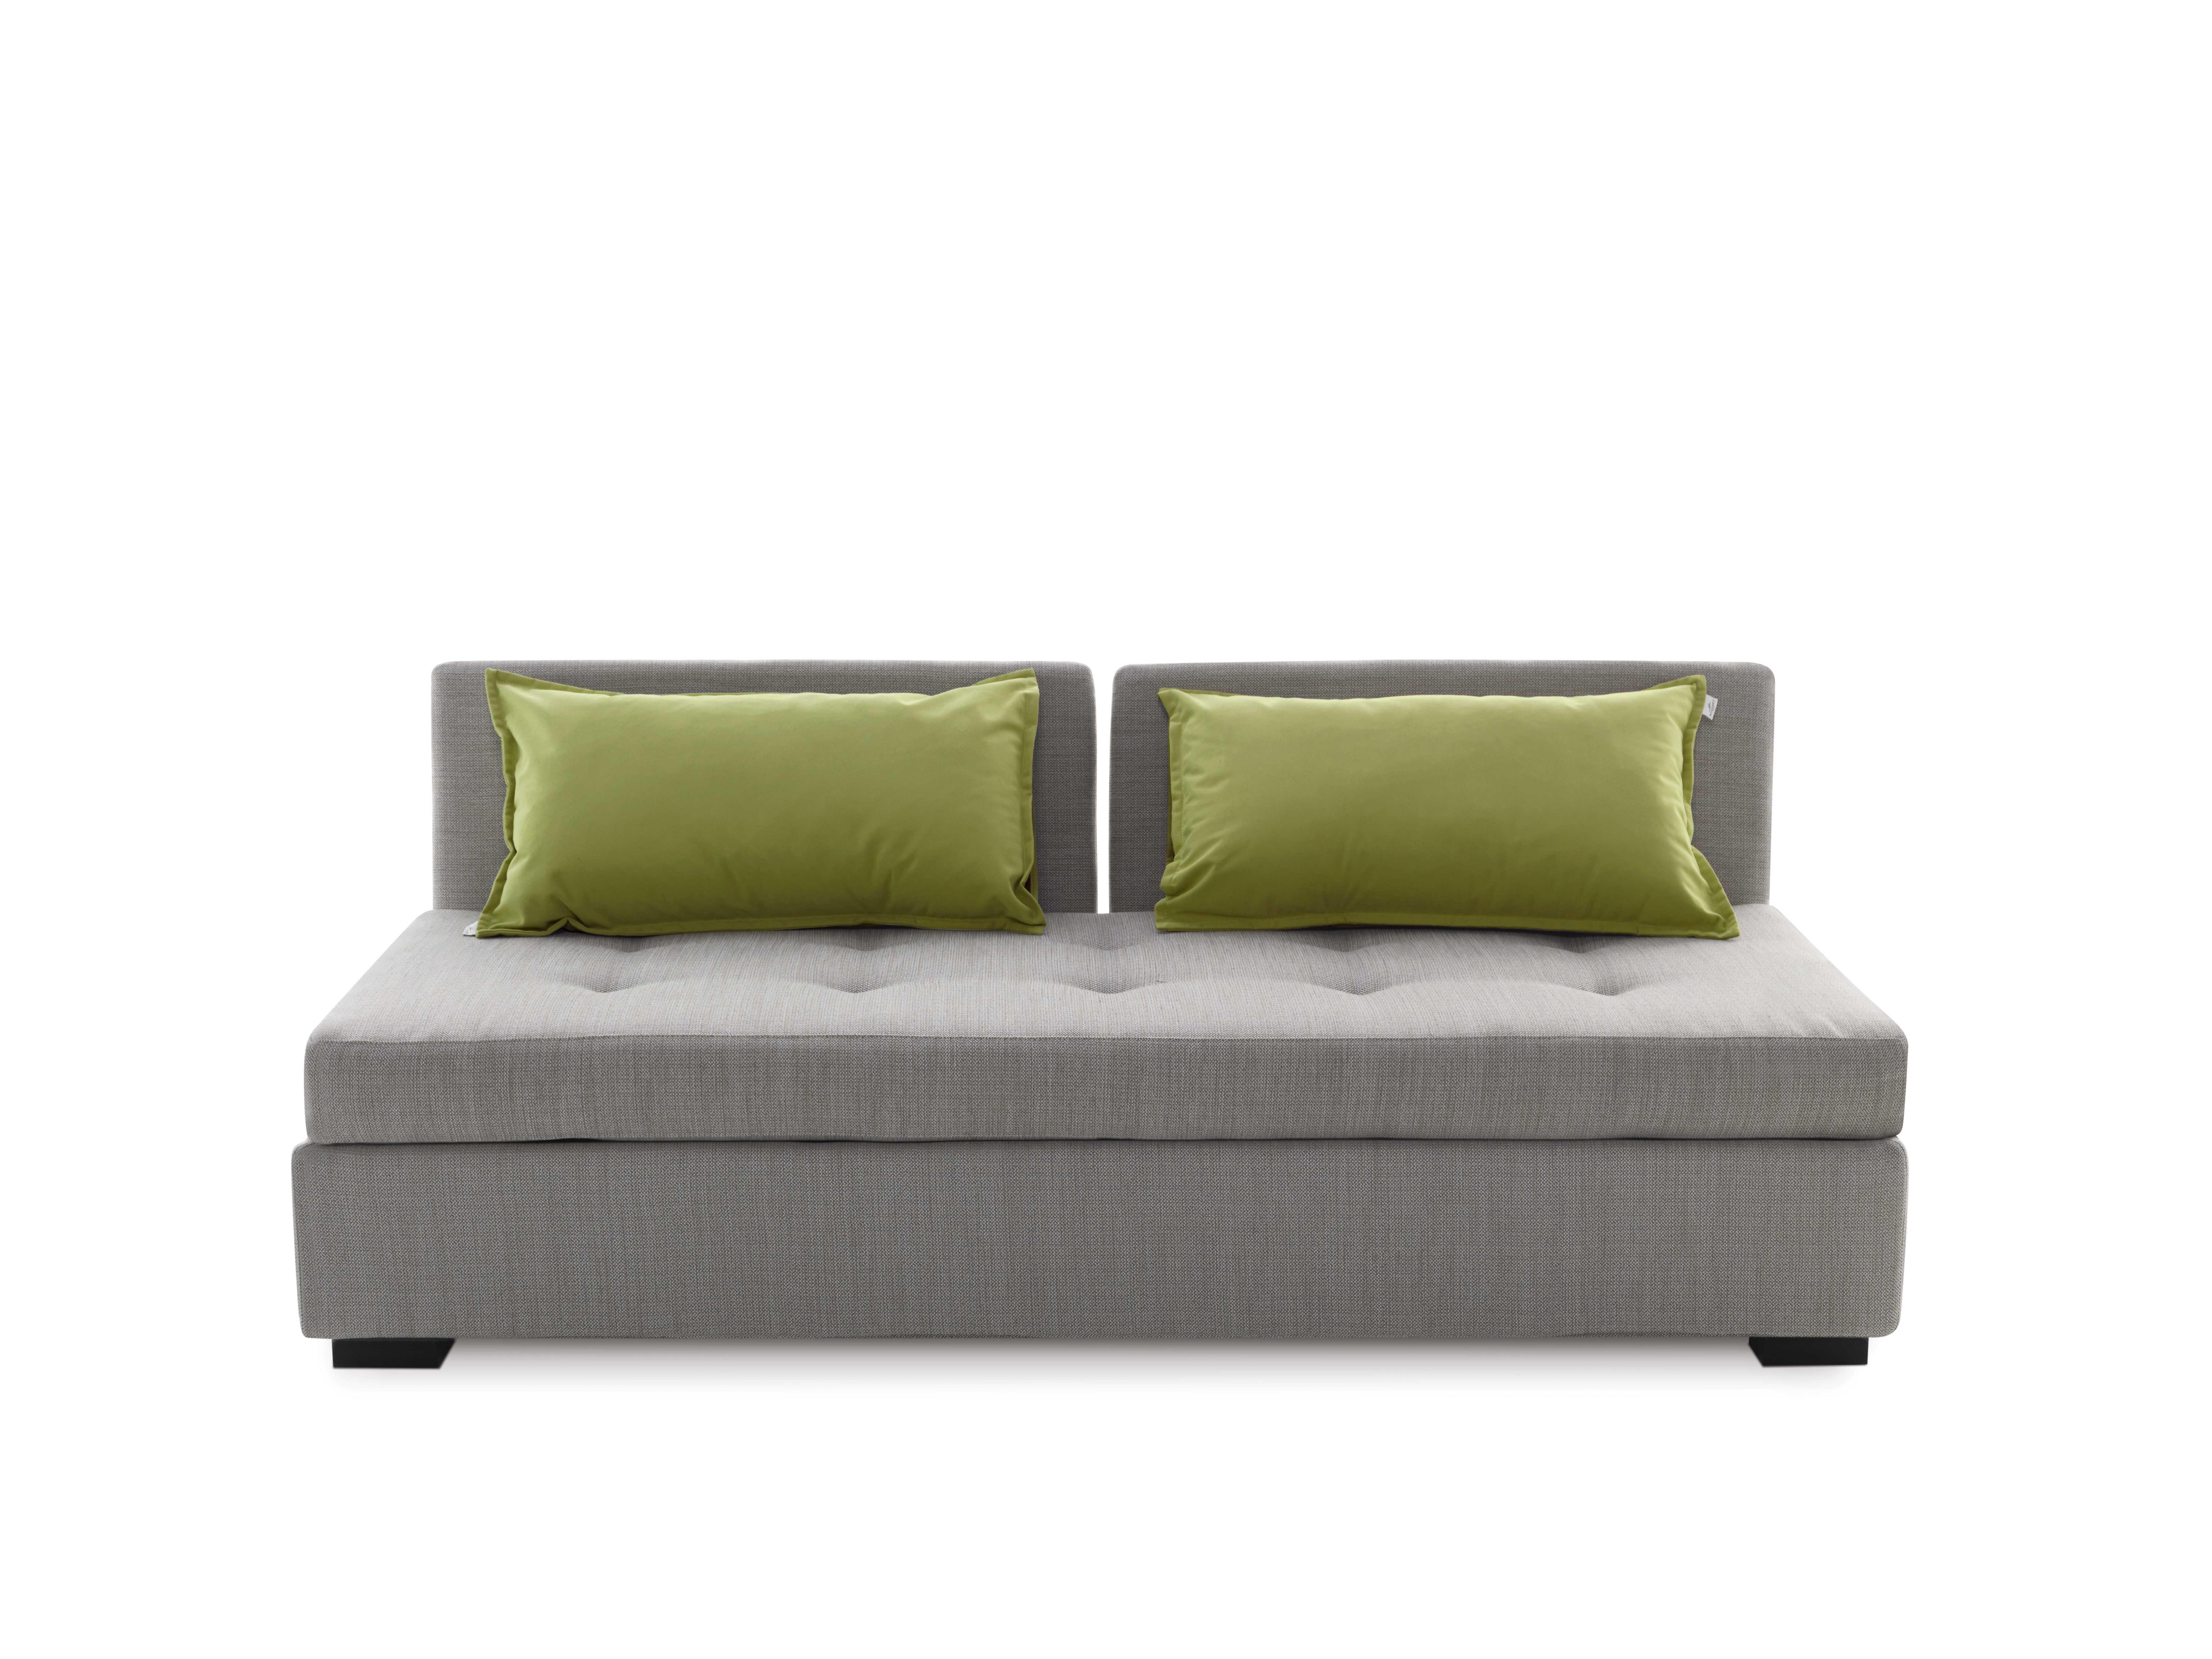 Figi isoletto arredare casa con mobili di design horm e casamania - Case mobili di design ...